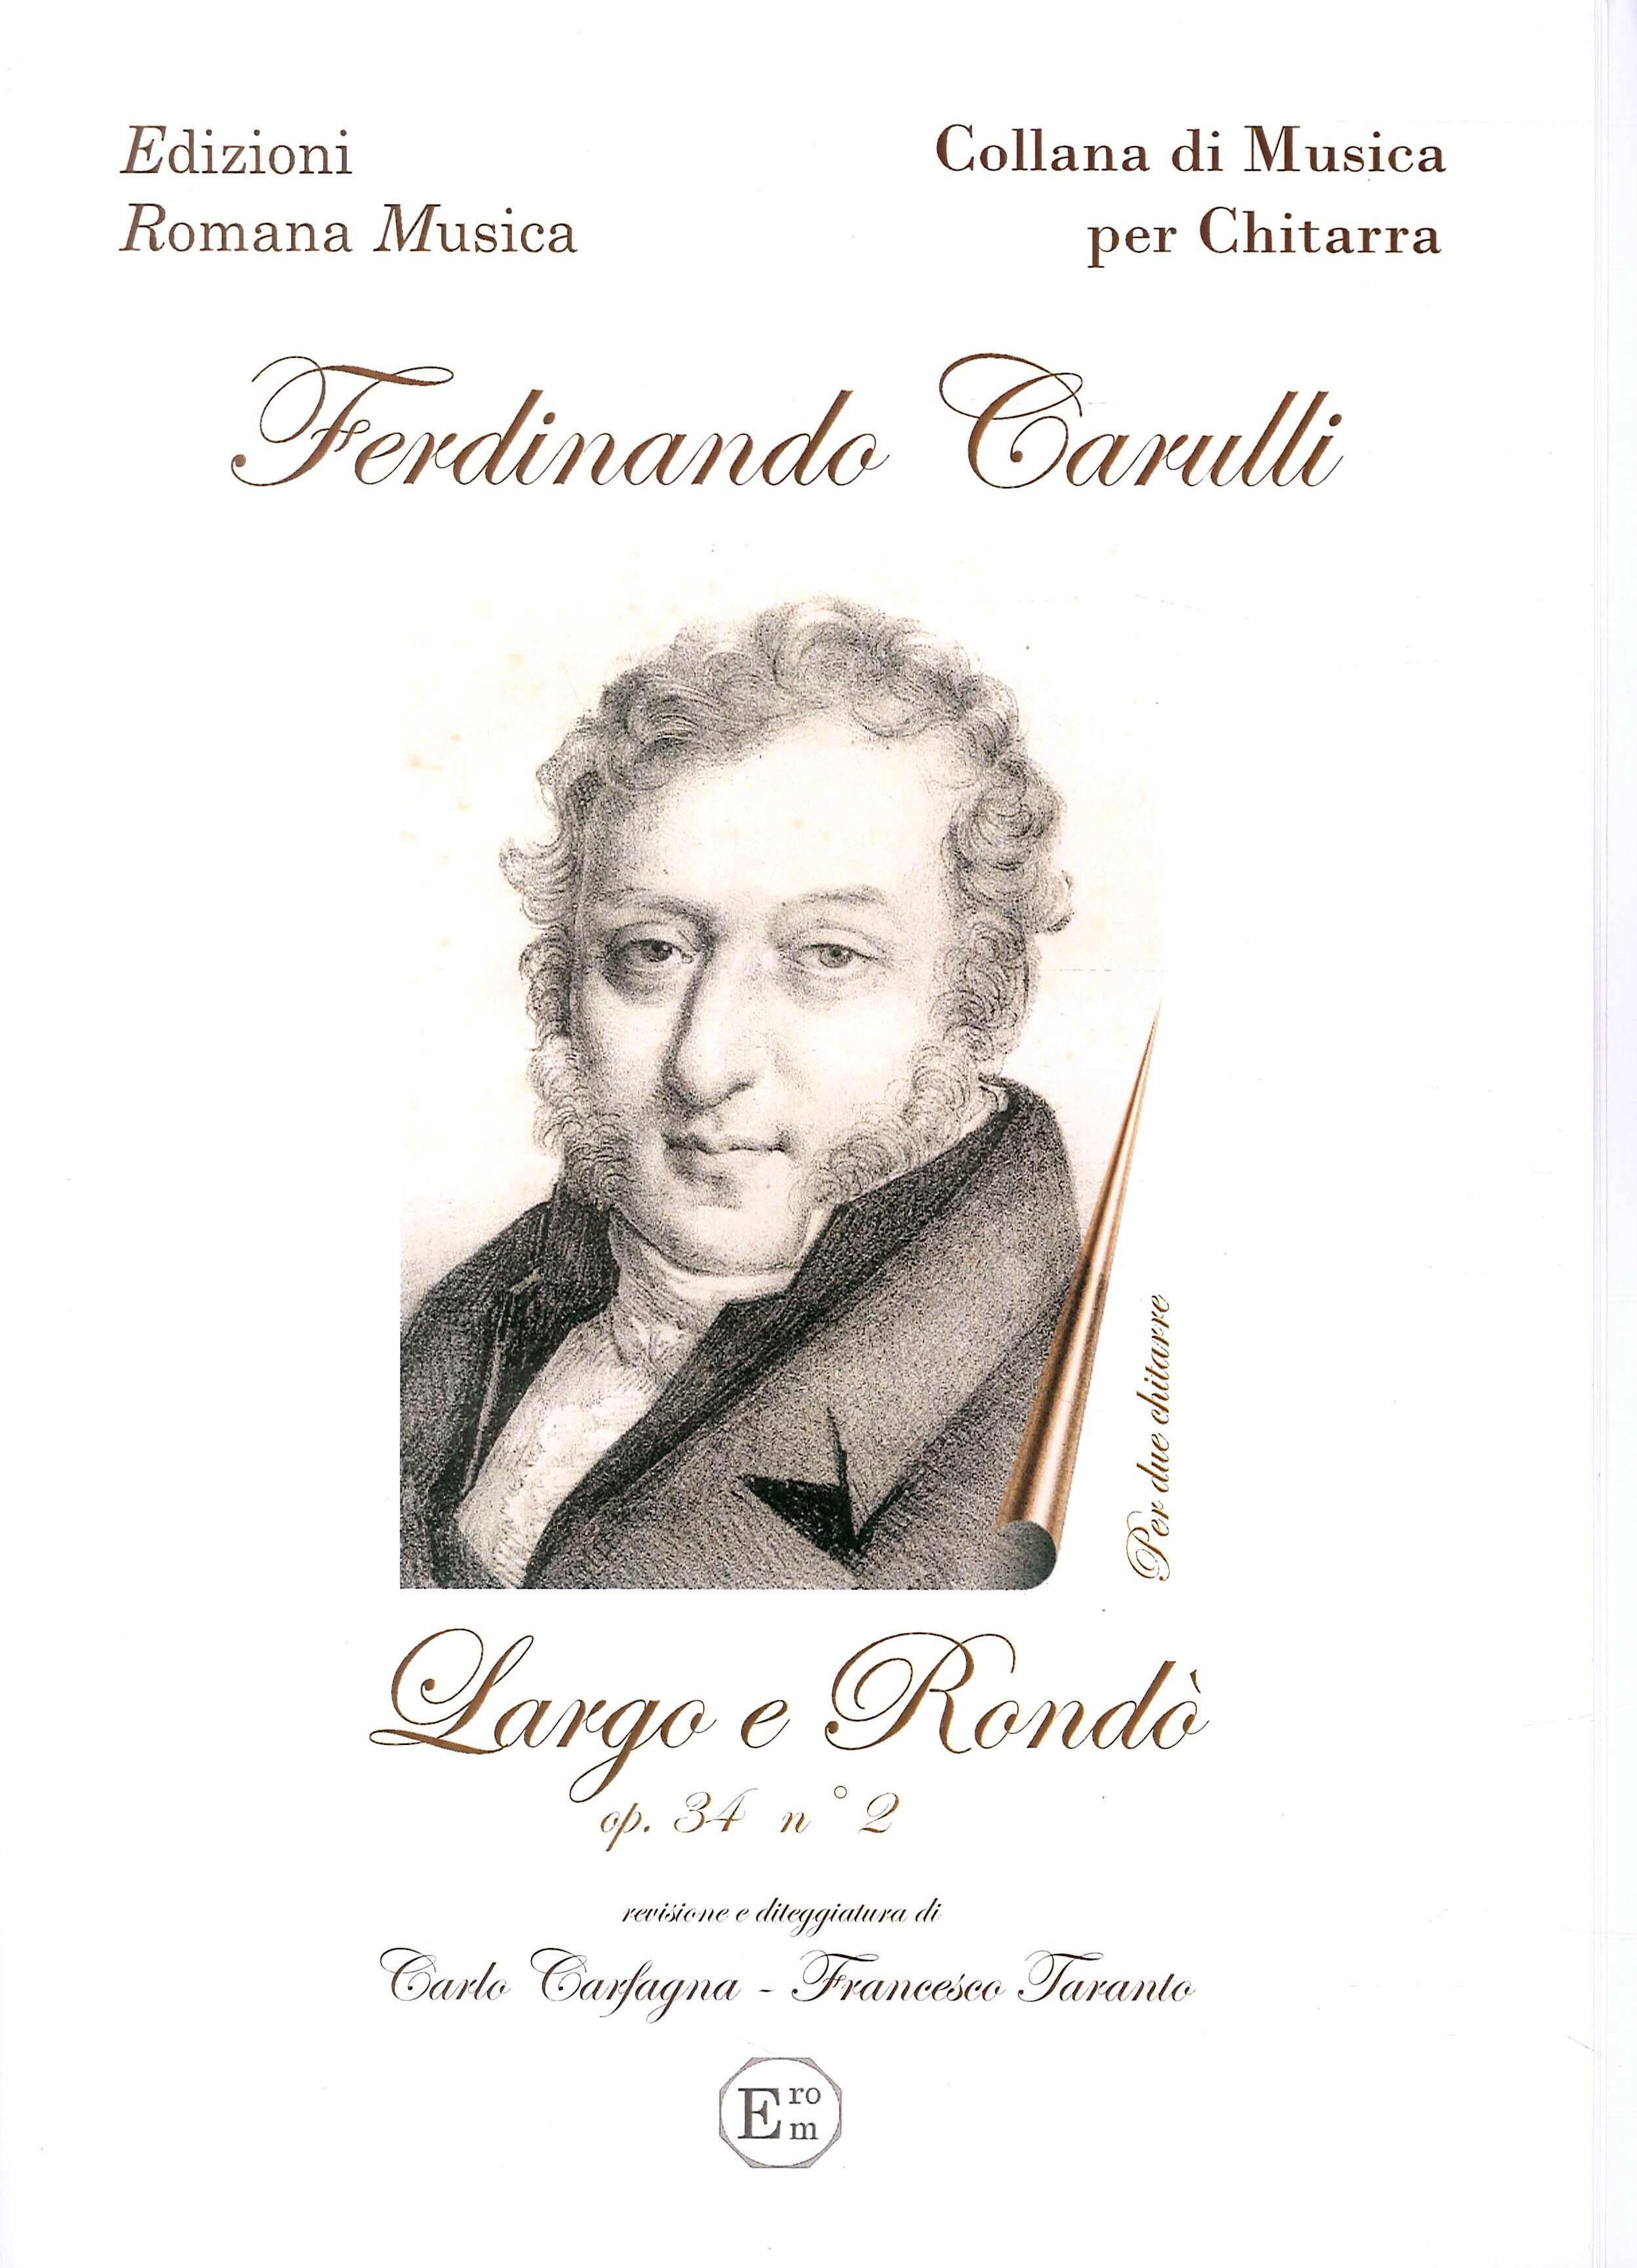 Ferdinando Carulli. Largo e Rondò Op. 34 N.2. per Due Chitarre. Erom 0027